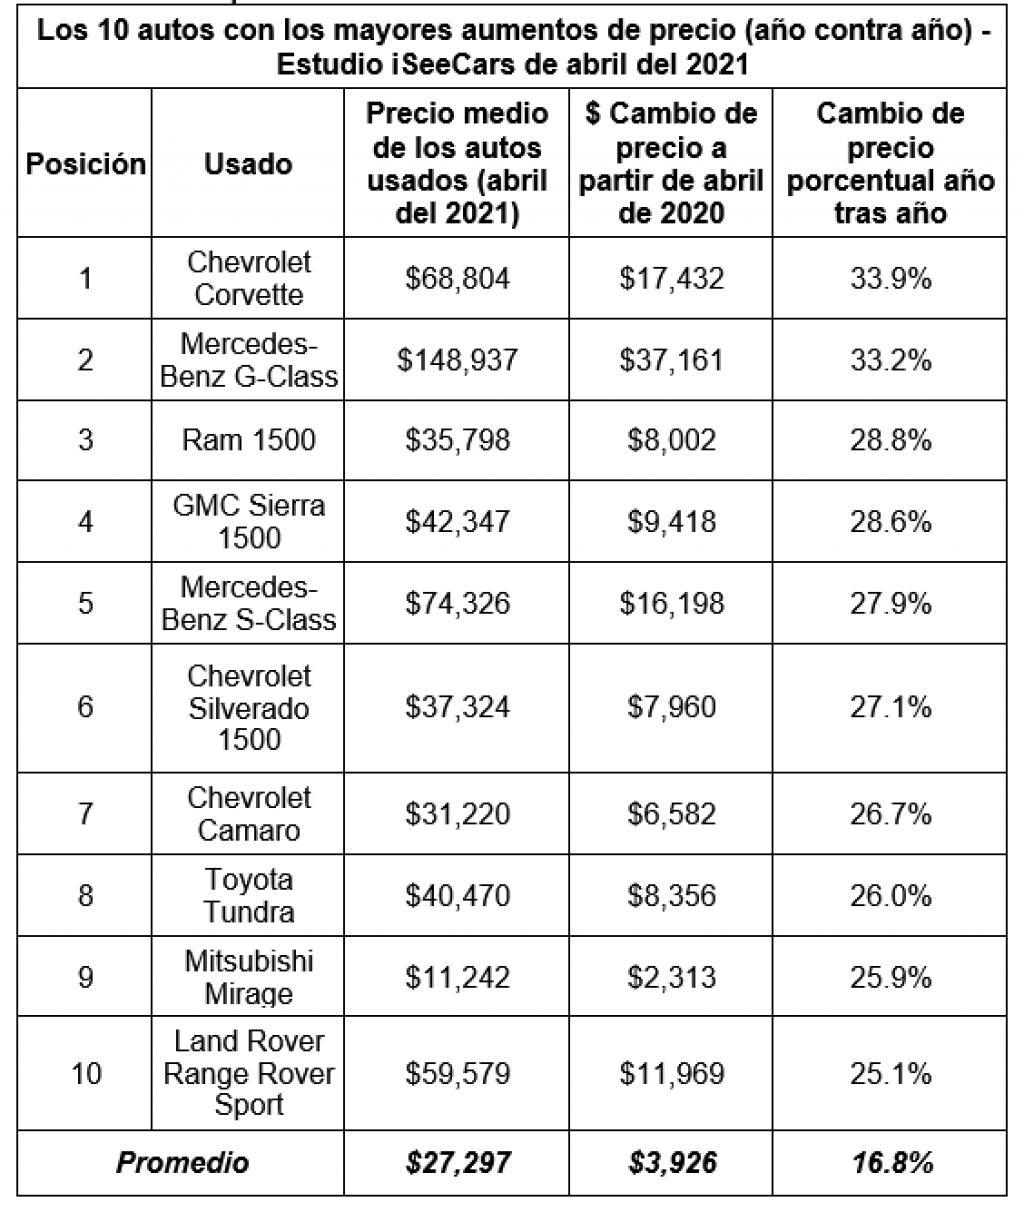 La escasez de microchips hacen subir los precios de los autos usados